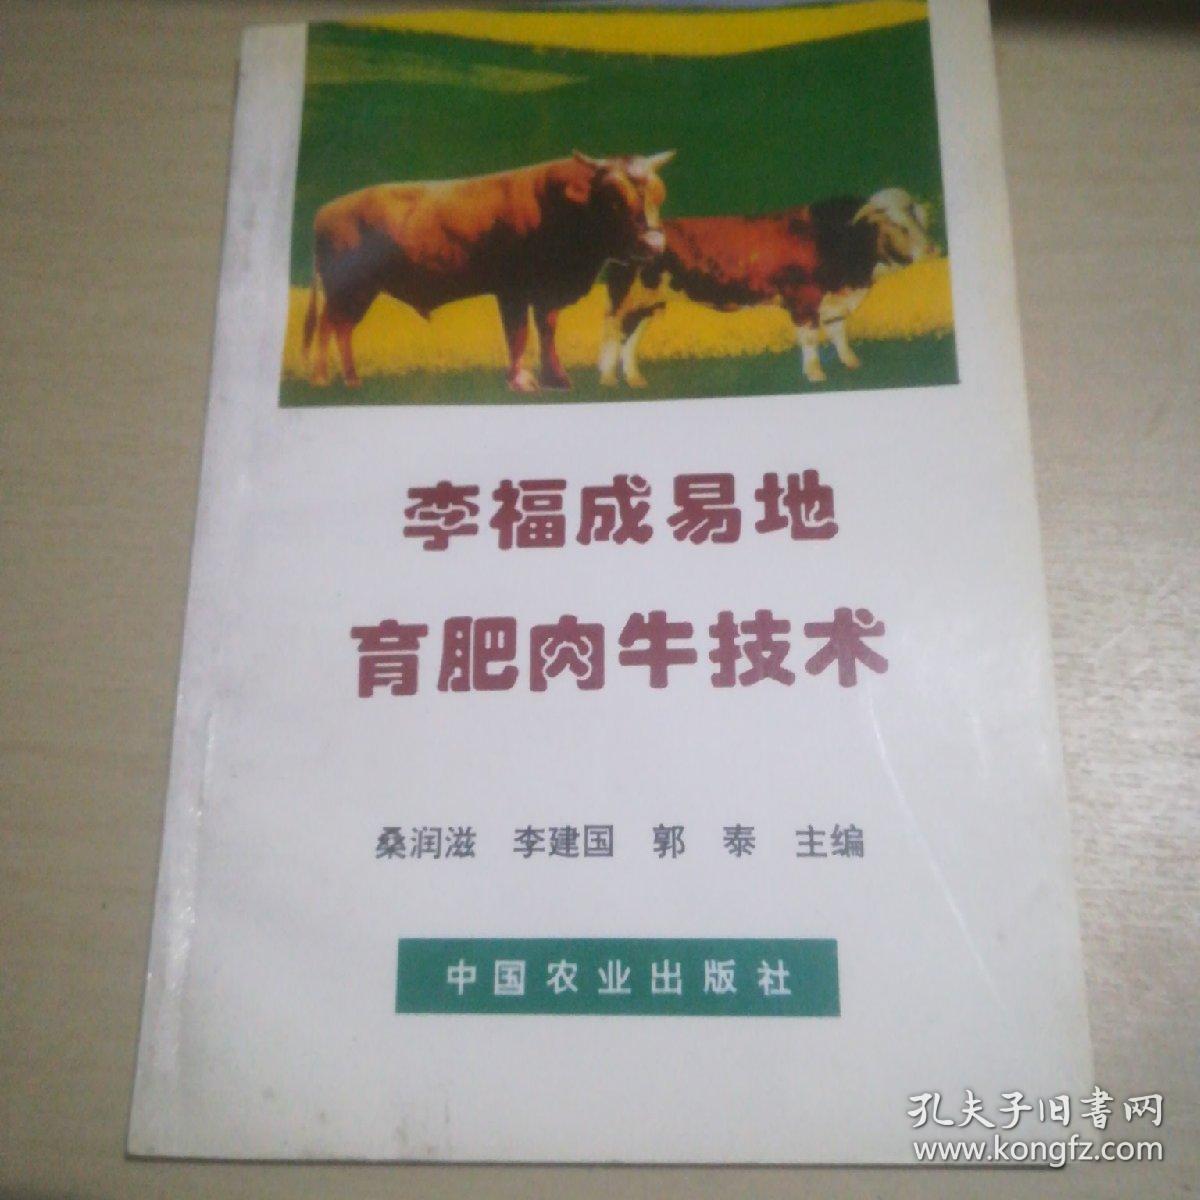 李福成易地育肥肉牛技术